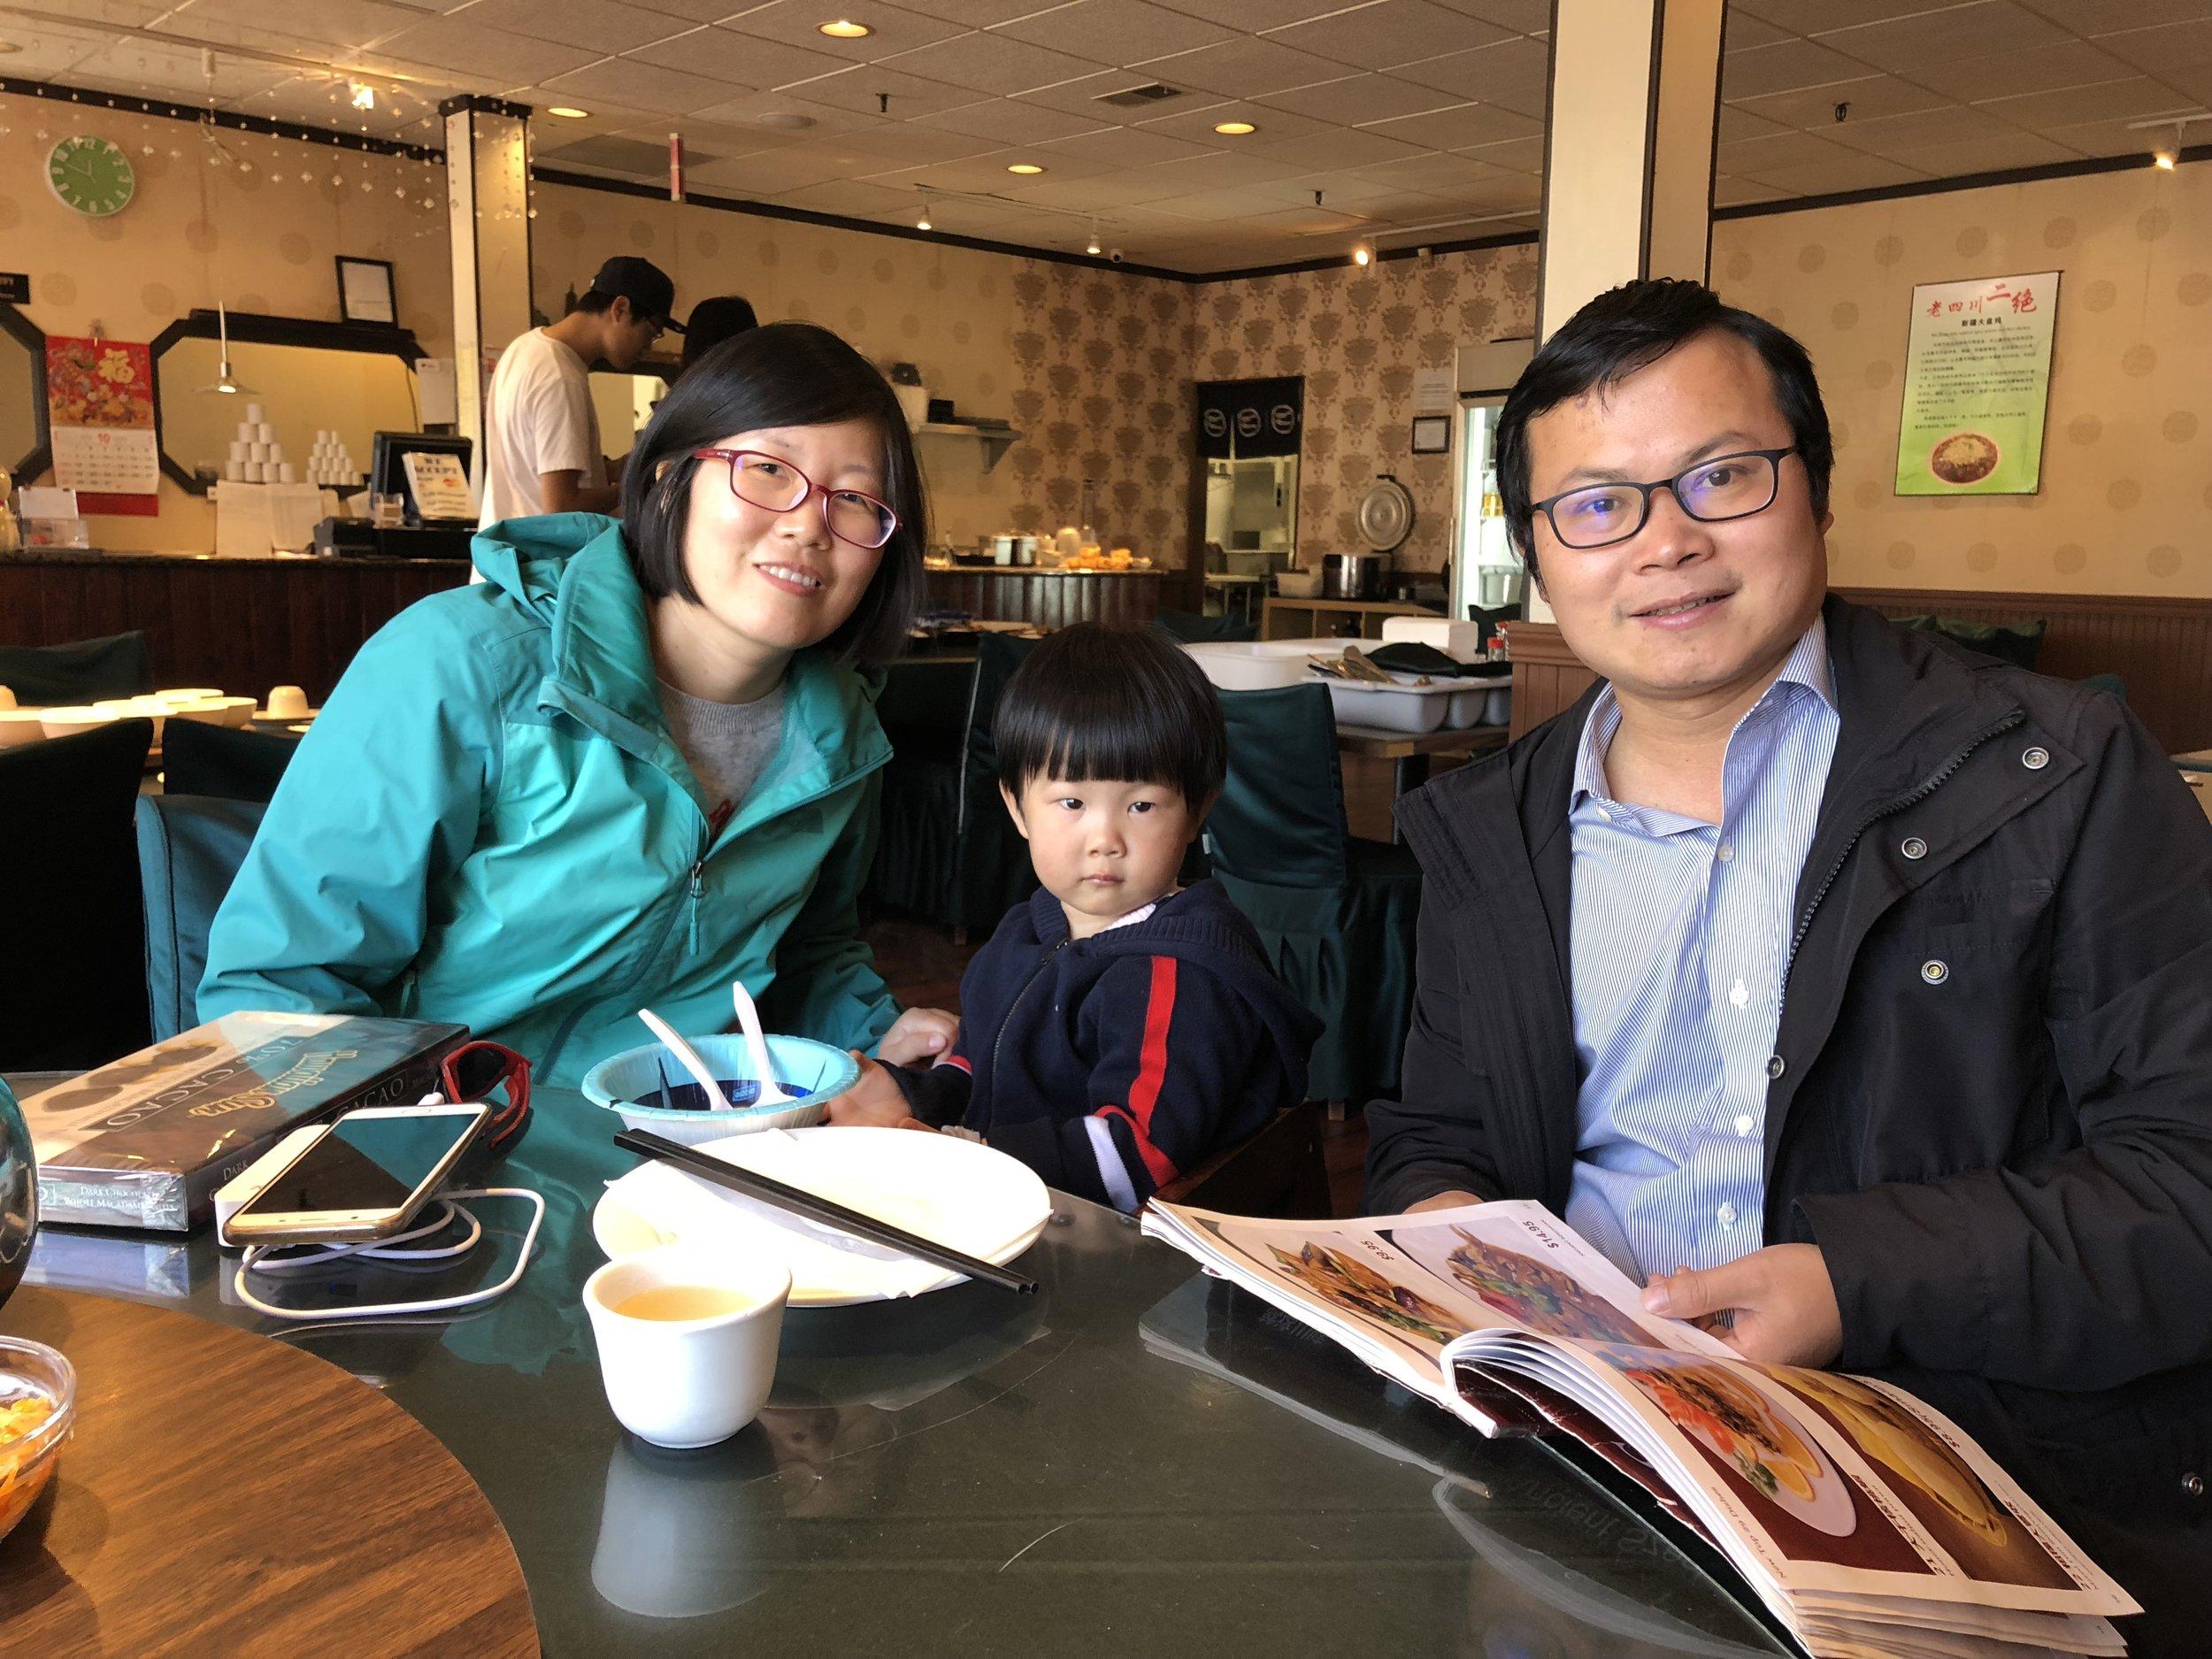 YaZheng, Ziyan, and Zhongbing